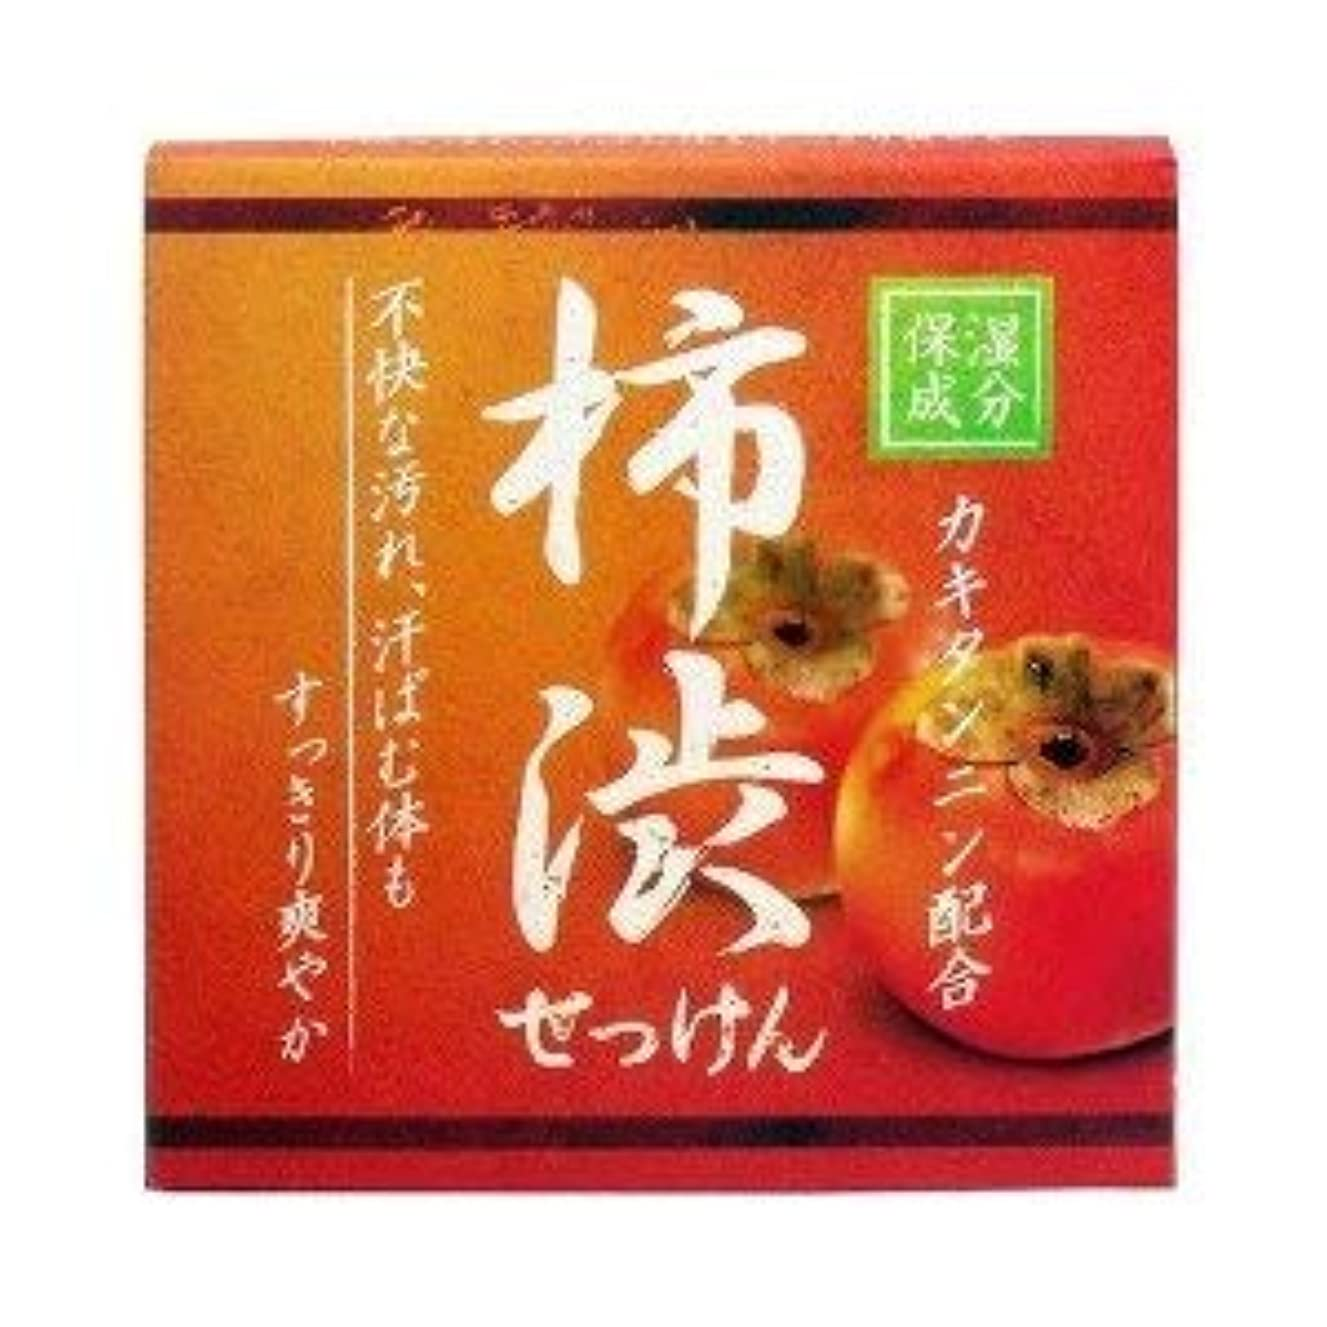 柿渋配合せっけん カキタンニン配合保湿成分 80g×2 2個1セット 石鹸